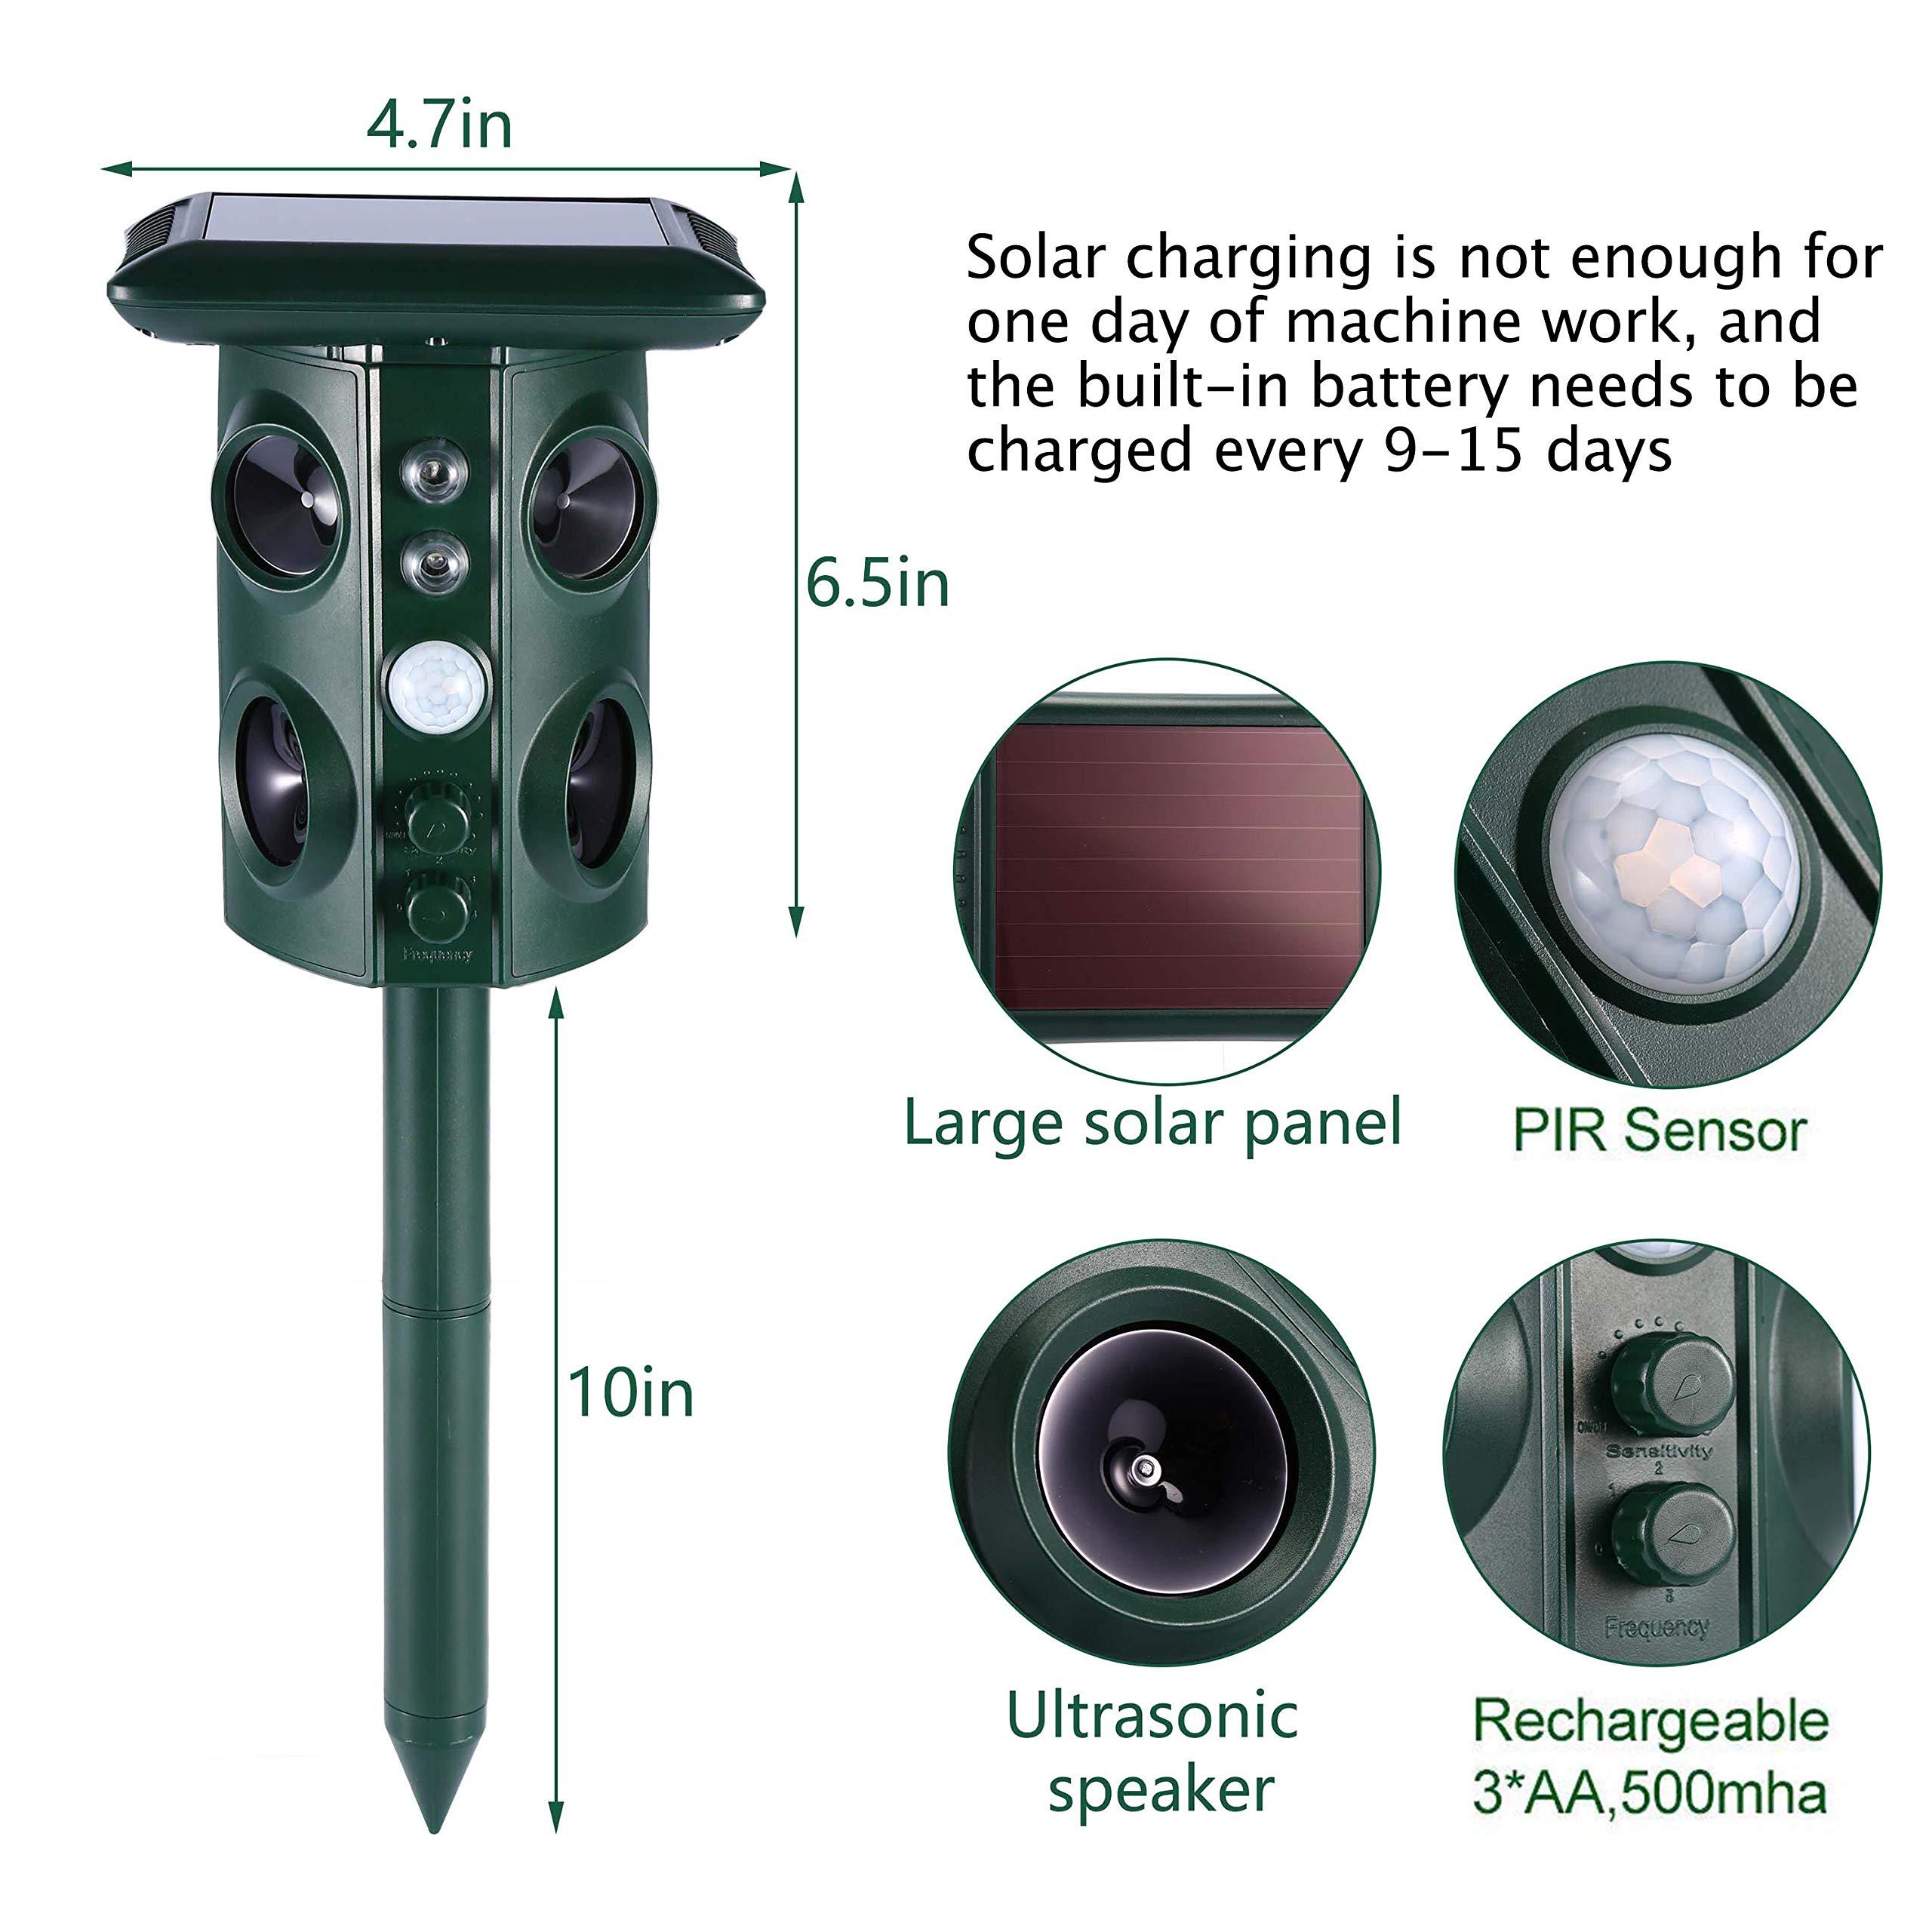 CamGO Ultraschall Tiervertreiber Solar und Batteriebetrieben Katzenschreck Tierabwehr Wasserdicht mit 4 Lautsprecher LED-Licht Umlaufsgang